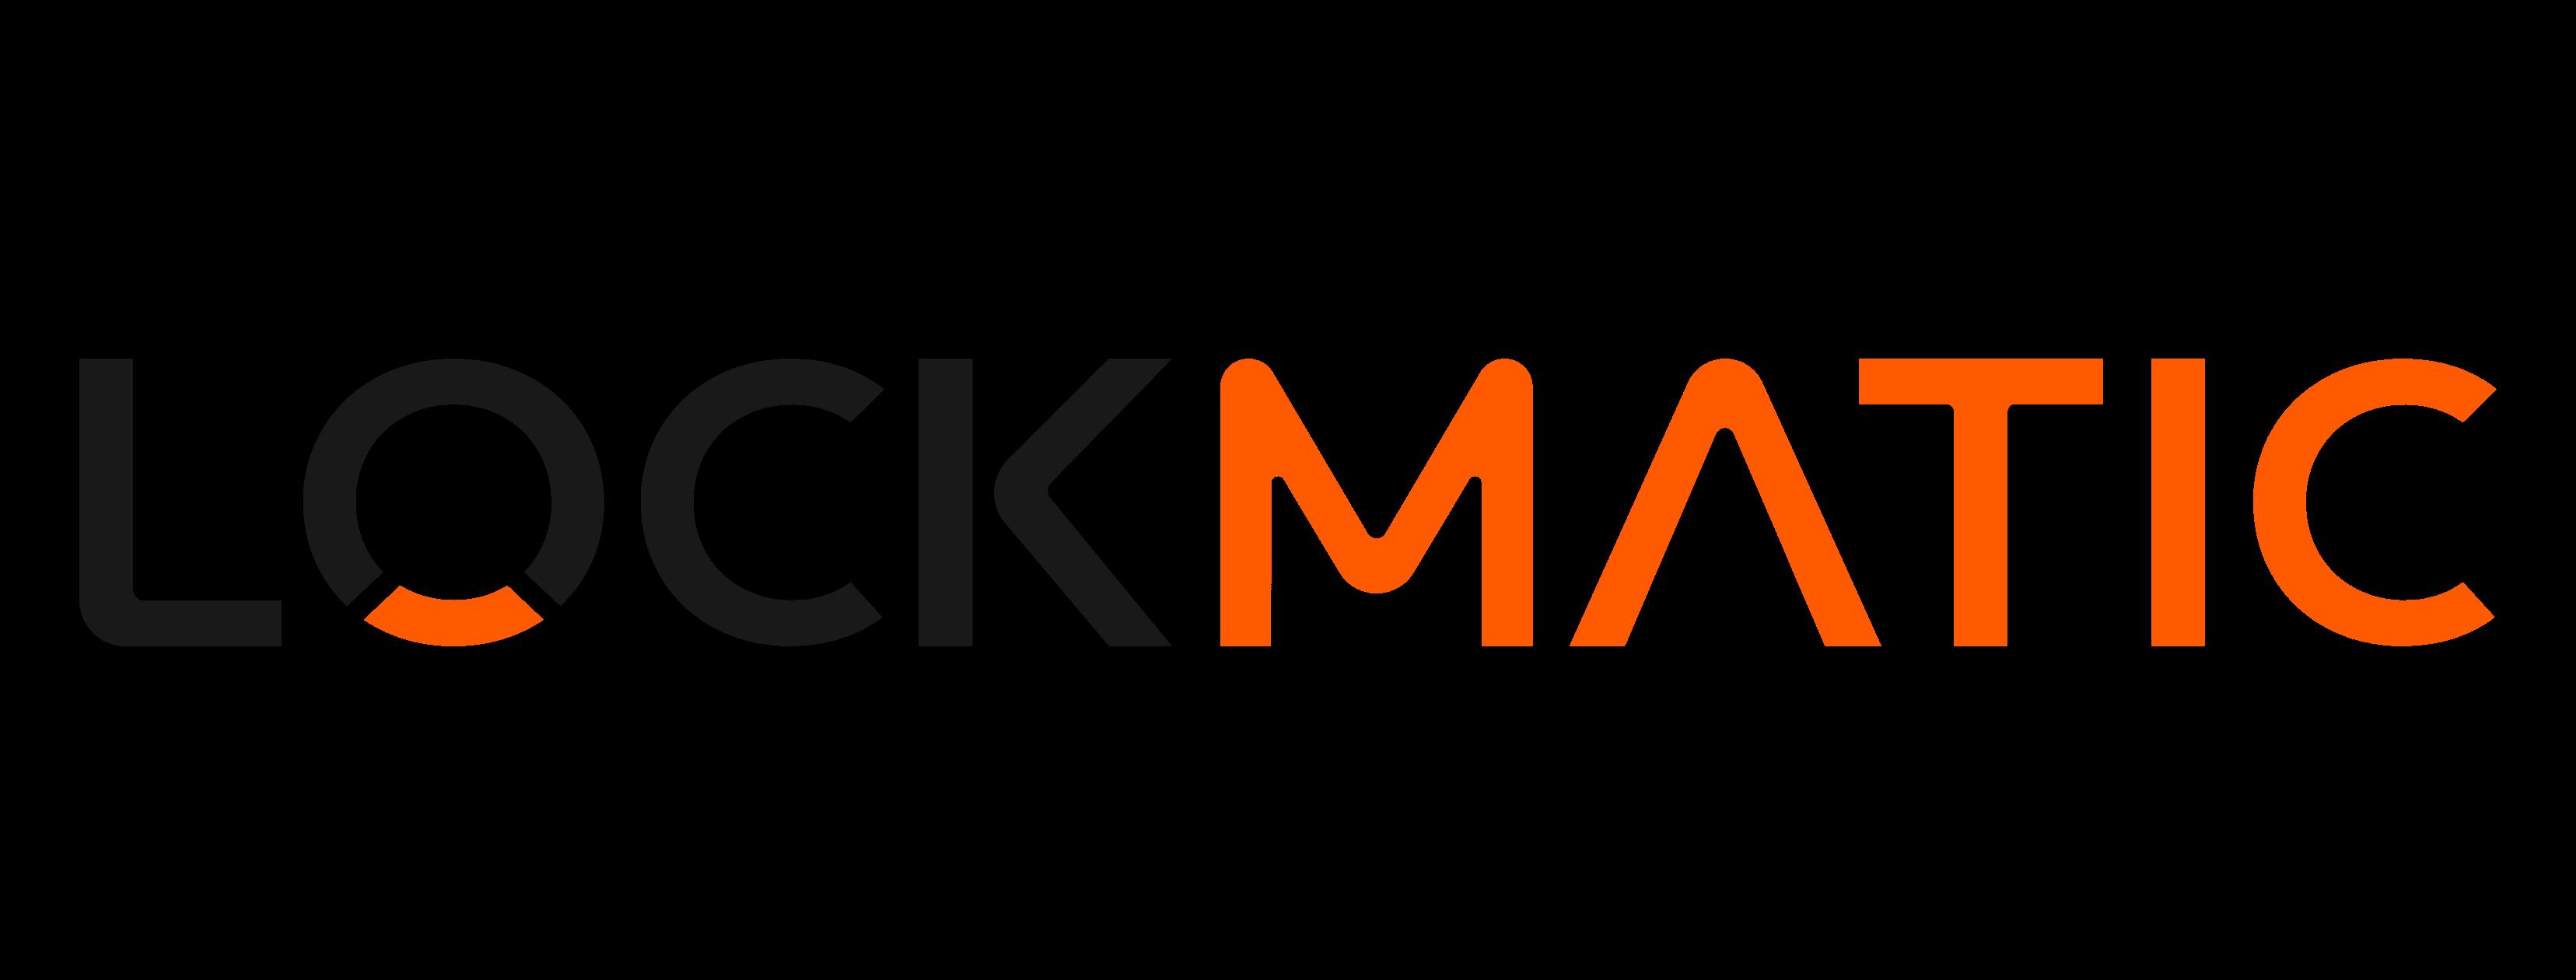 Lockmatic